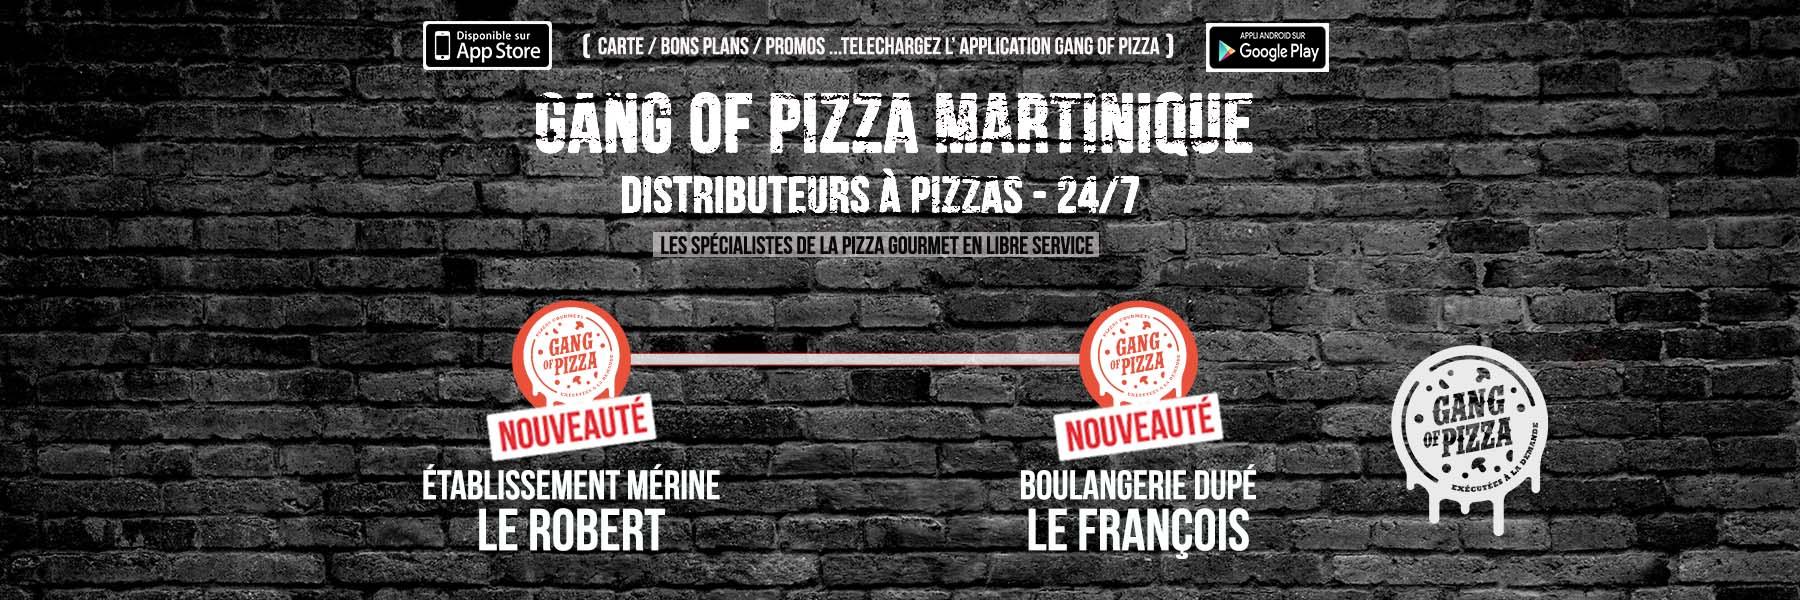 couverture-facebook-martinique-le-robert-le-francois-distributeur-pizzas-24-7-chaude-recette-gourmet-originale-gangofpizza